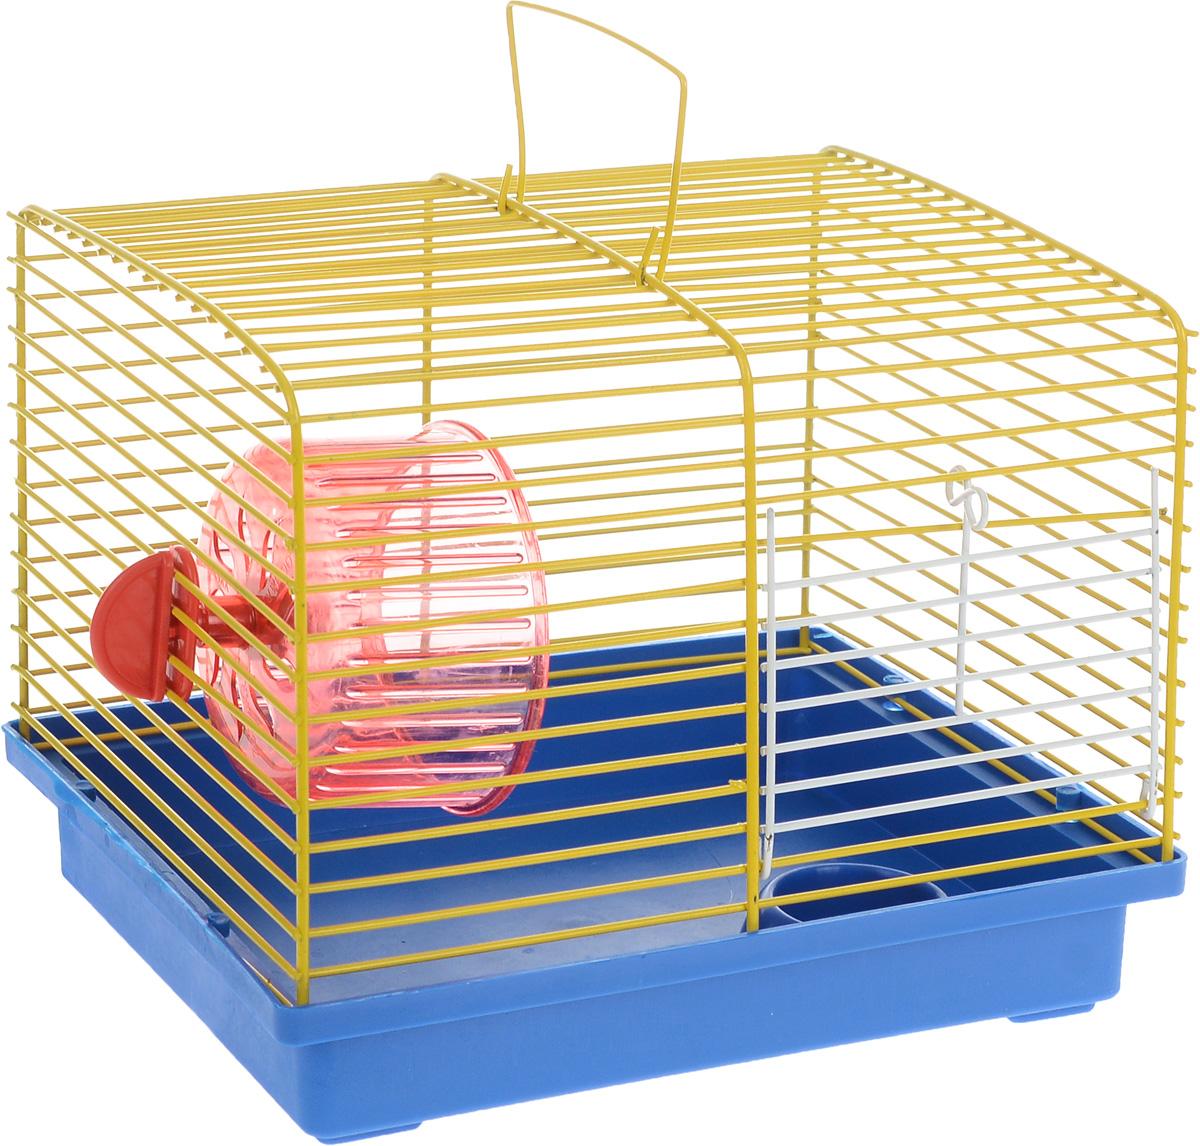 Клетка для хомяка ЗооМарк, с колесом и миской, цвет: синий поддон, желтая решетка, 23 х 18 х 18,5 см511_синий, желтыйКлетка ЗооМарк, выполненная из пластика и металла, подходит для джунгарского хомячка или других небольших грызунов. Она оборудована колесом для подвижных игр и миской. Клетка имеет яркий поддон, удобна в использовании и легко чистится. Такая клетка станет личным пространством и уютным домиком для маленького грызуна. Комплектация: - клетка с поддоном; - колесо; - миска.